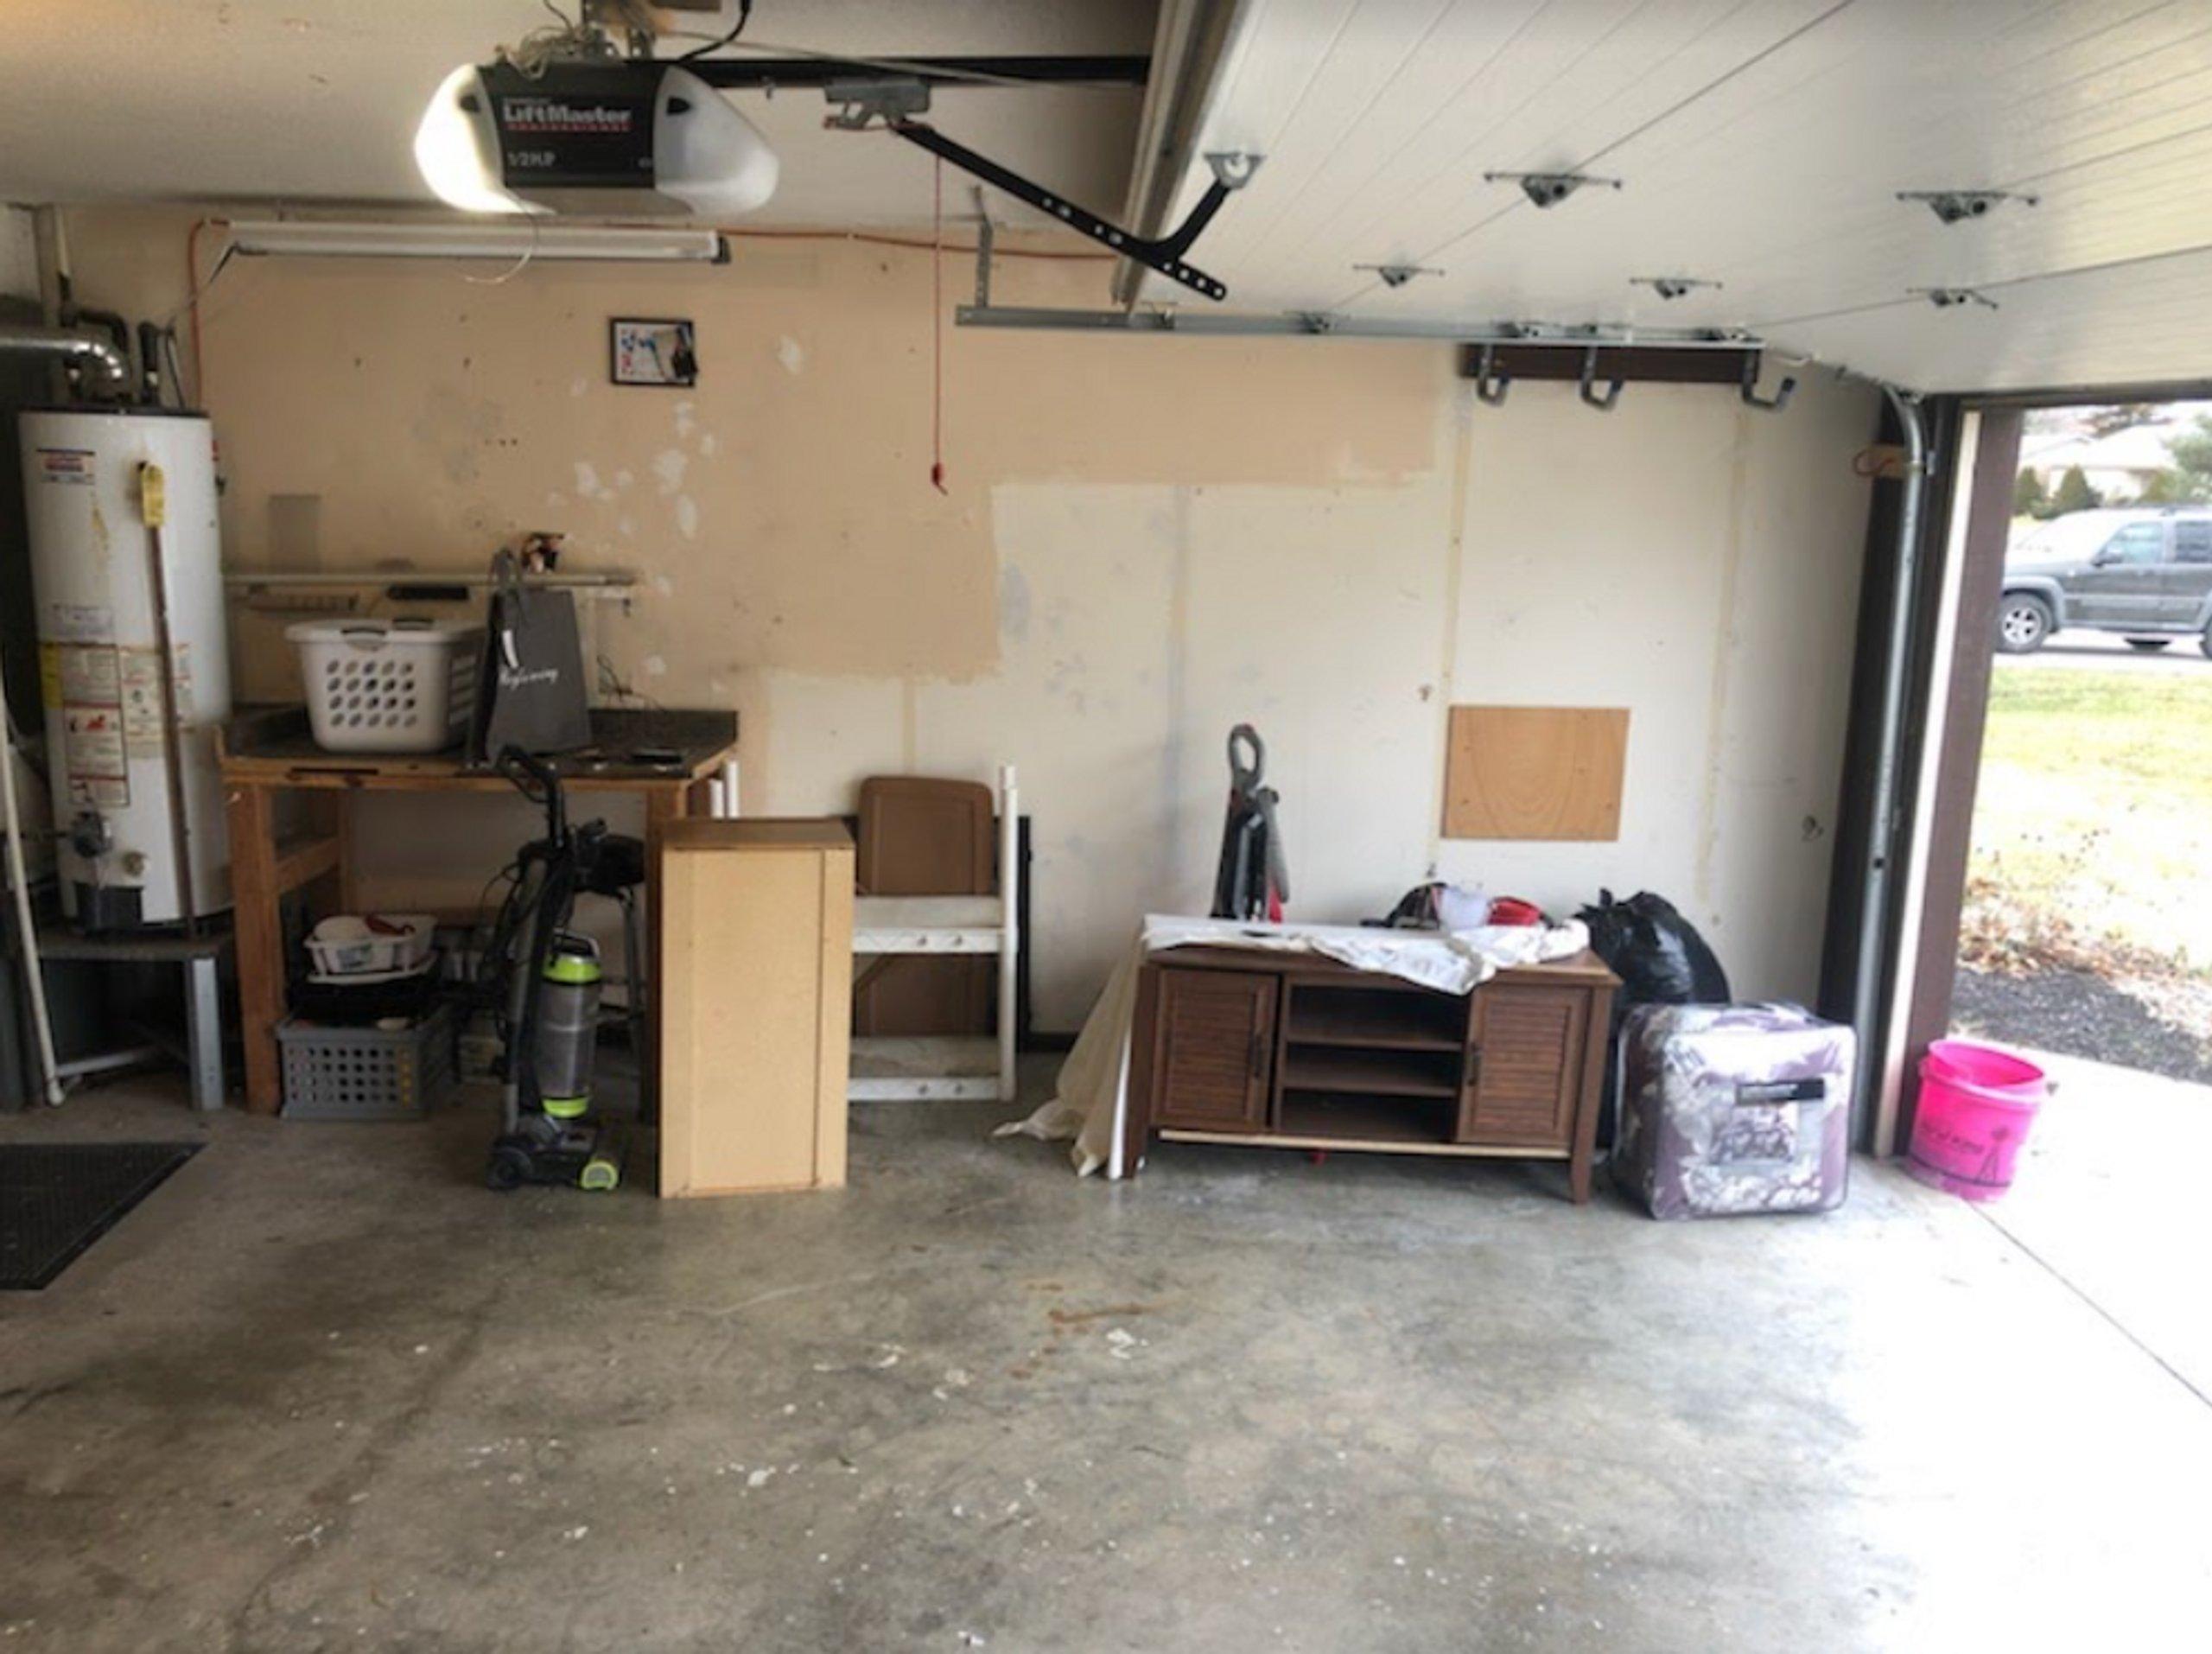 13x19 Garage self storage unit